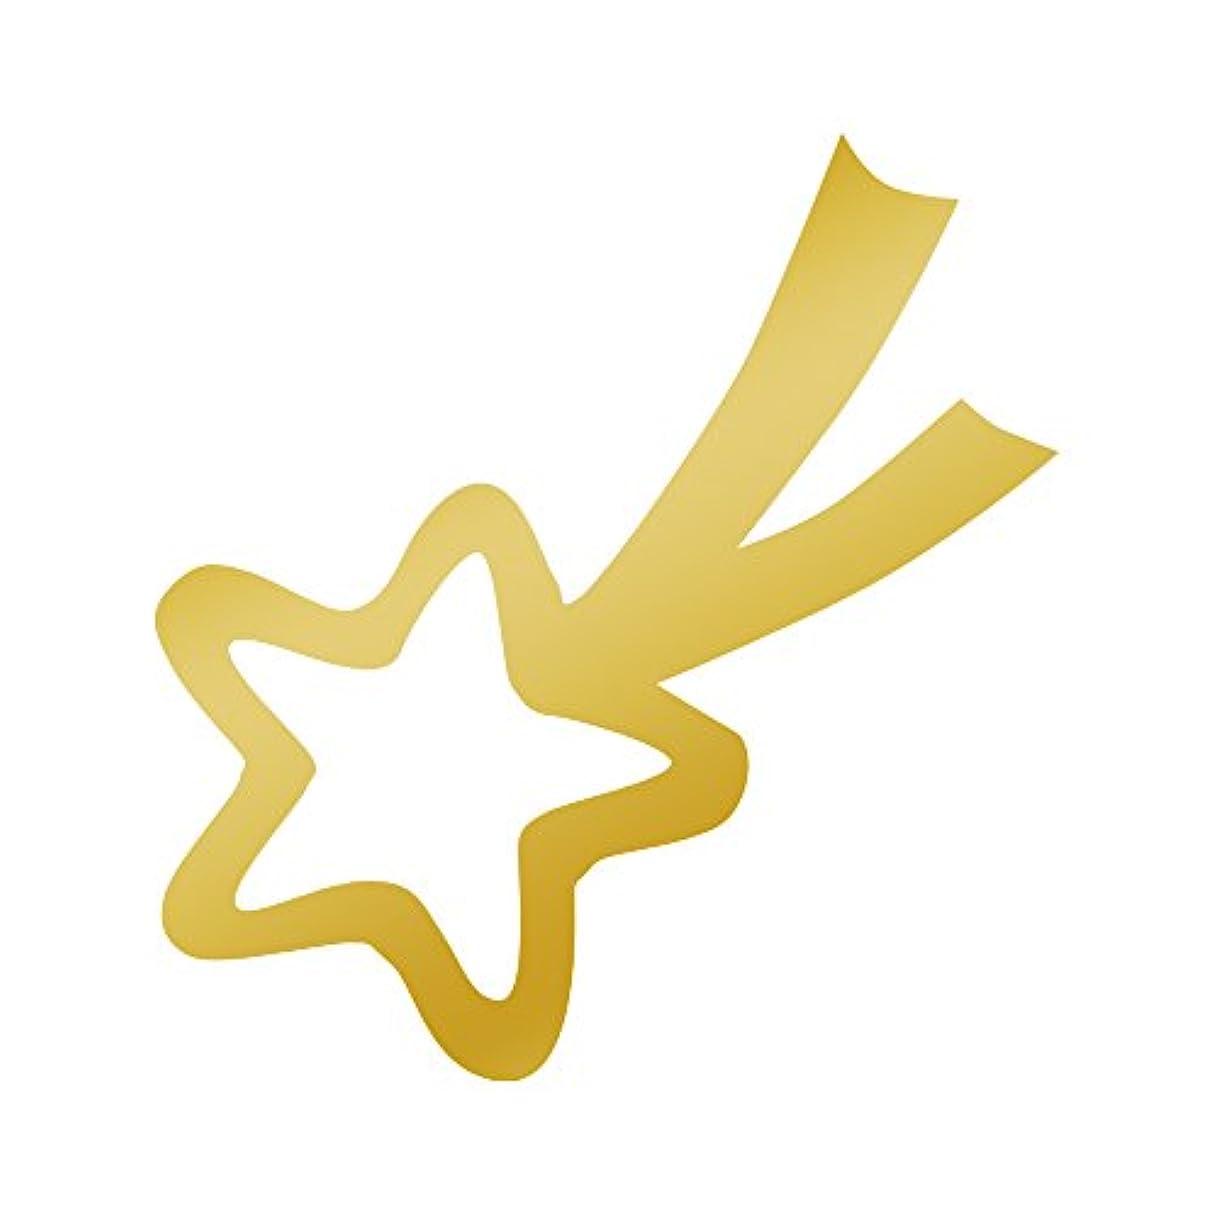 まとめる町明らかにするリトルプリティー ネイルアートパーツ 流れ星 S ゴールド 10個